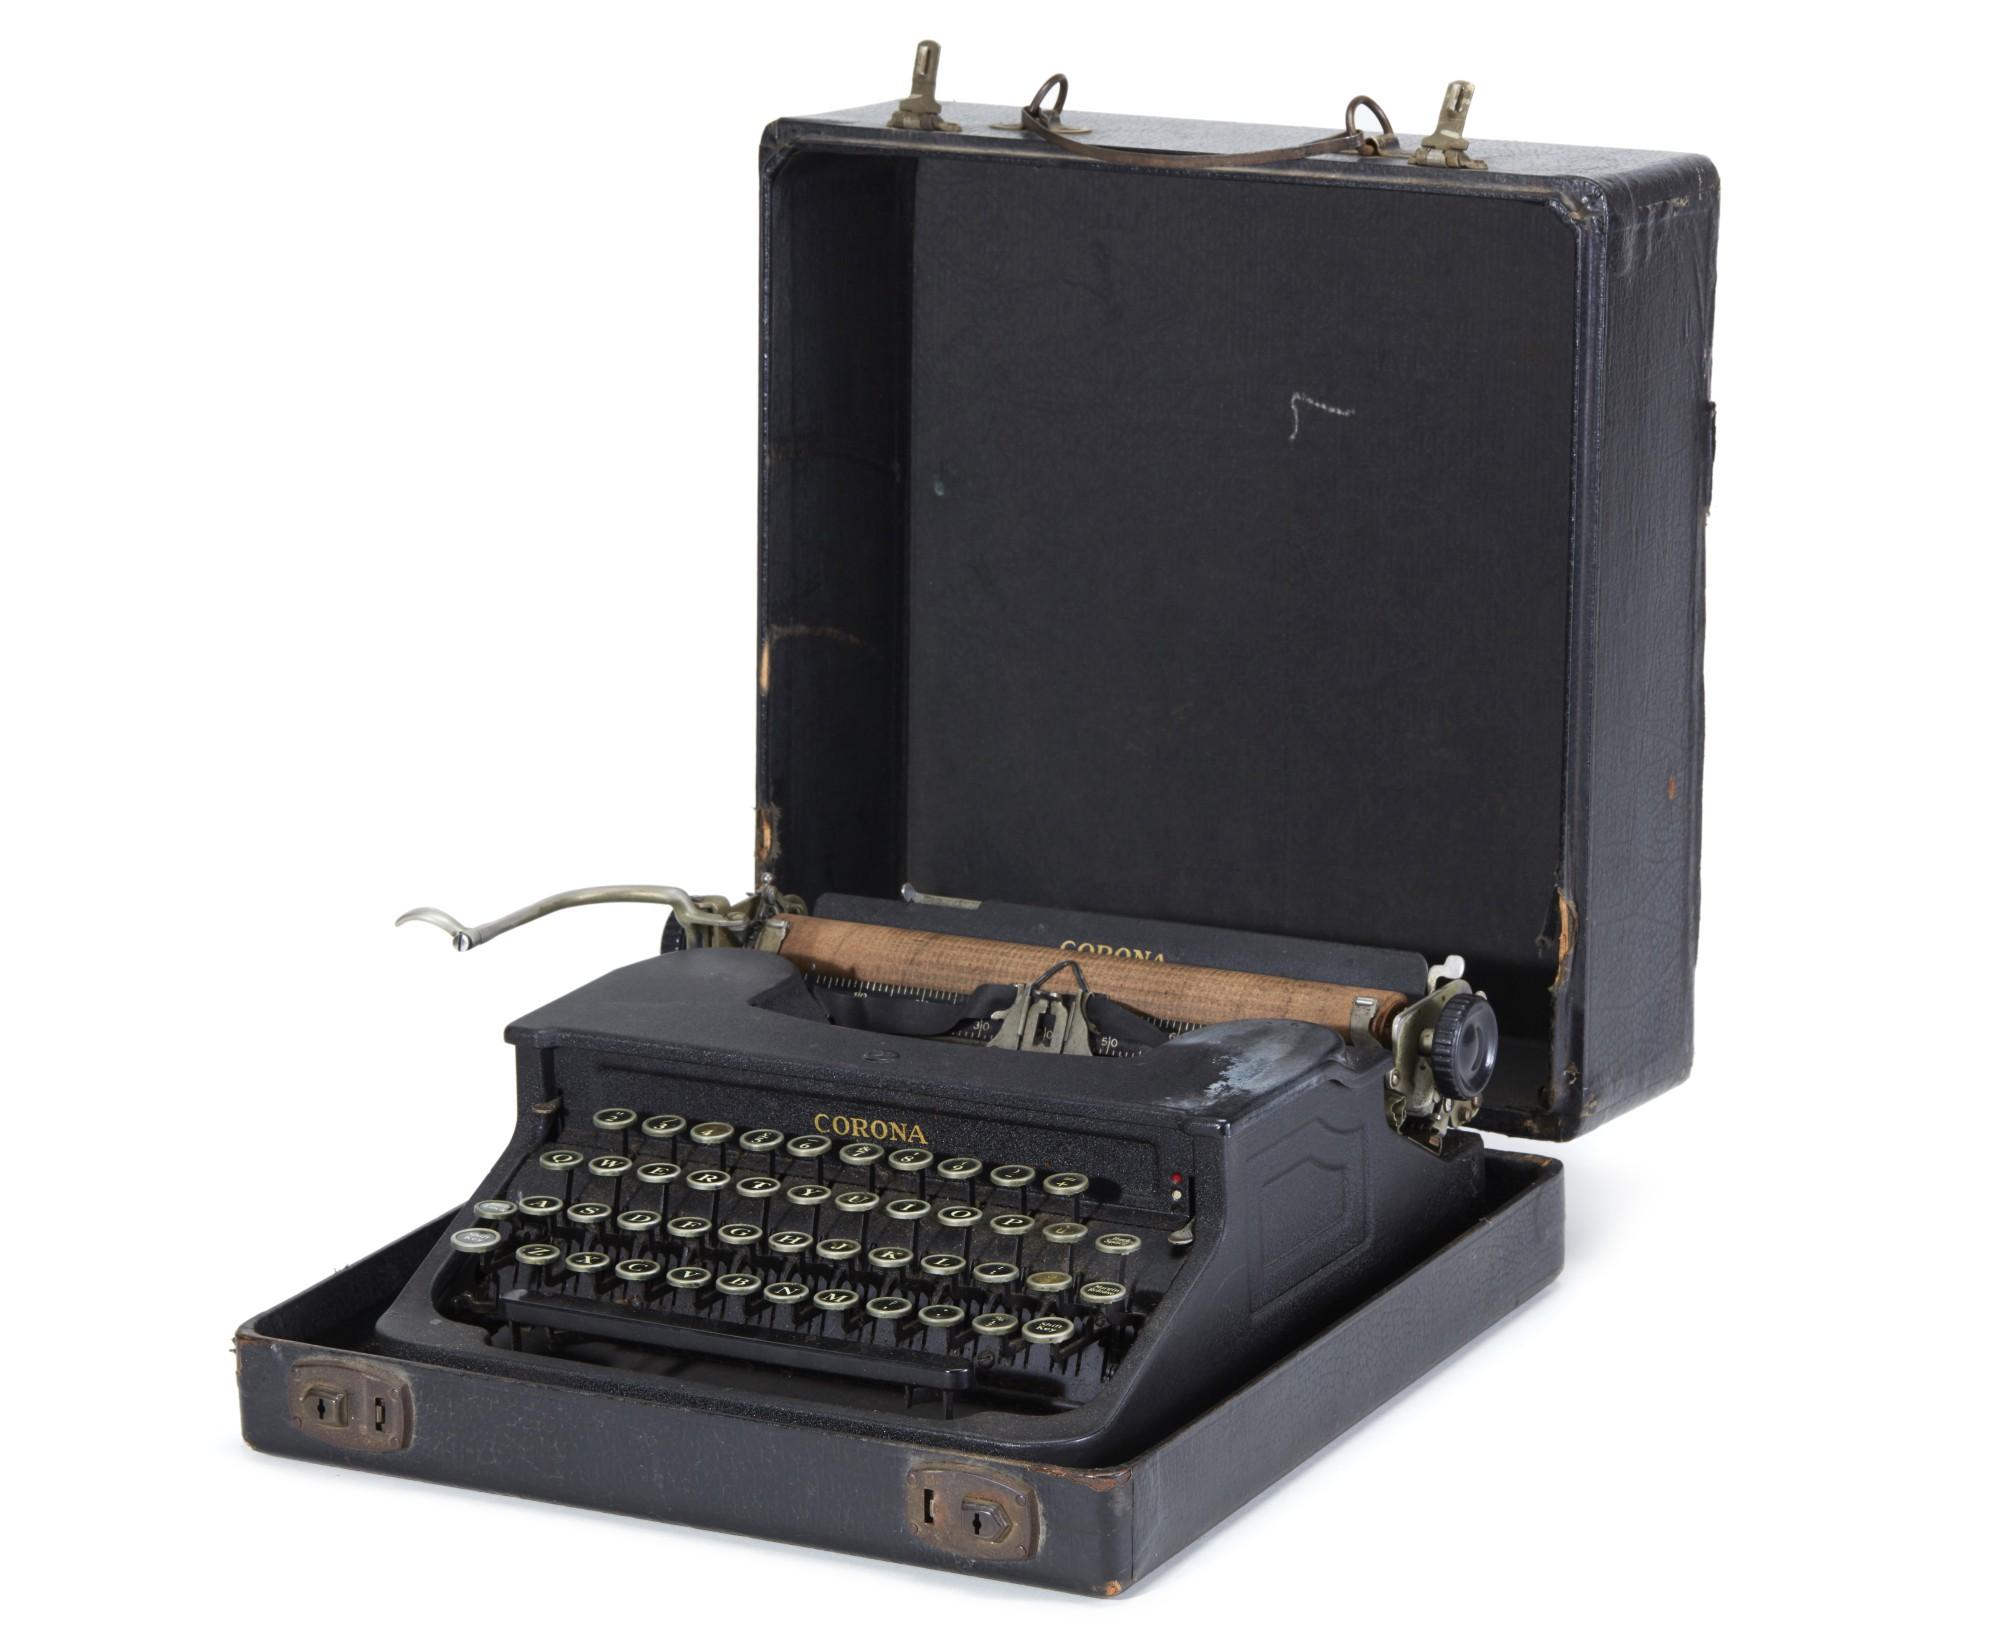 HIS TYPEWRITER, 1933/34